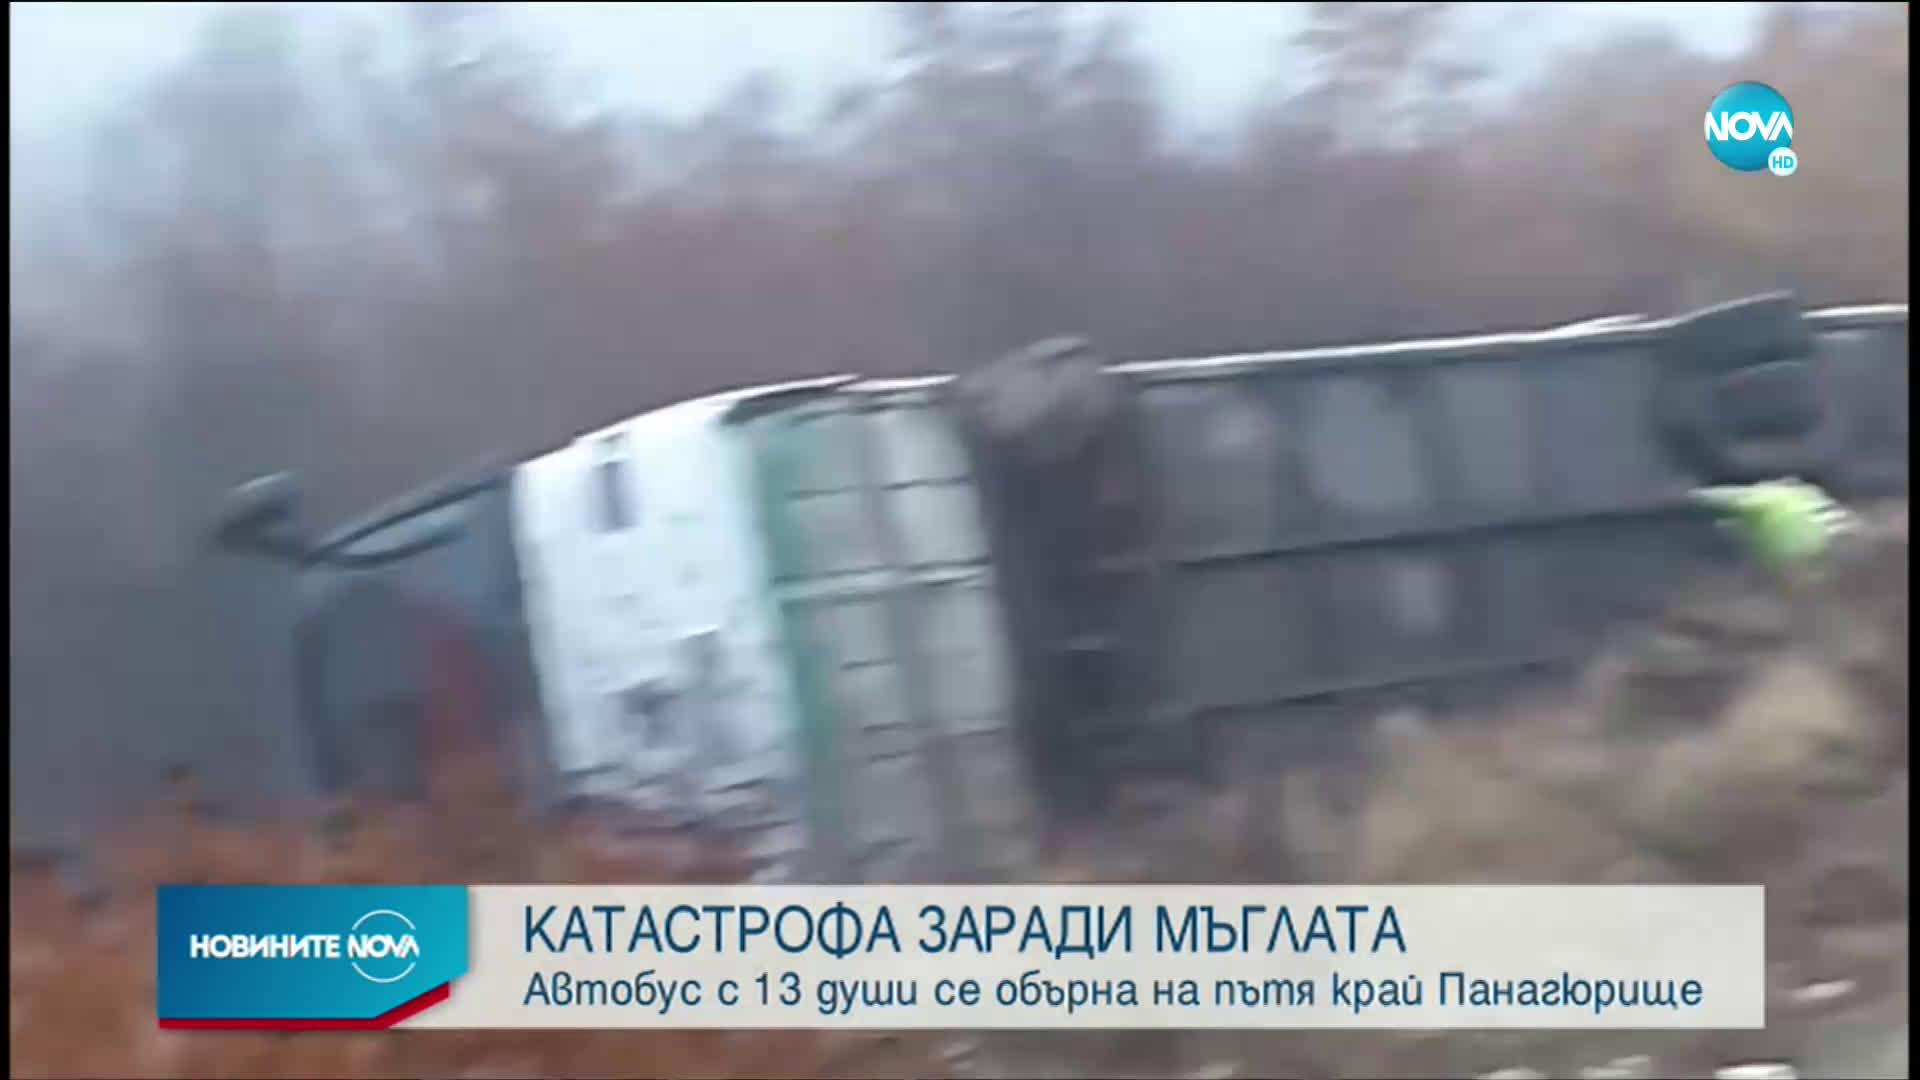 Автобус с 13 души се обърна на пътя край Панагюрище